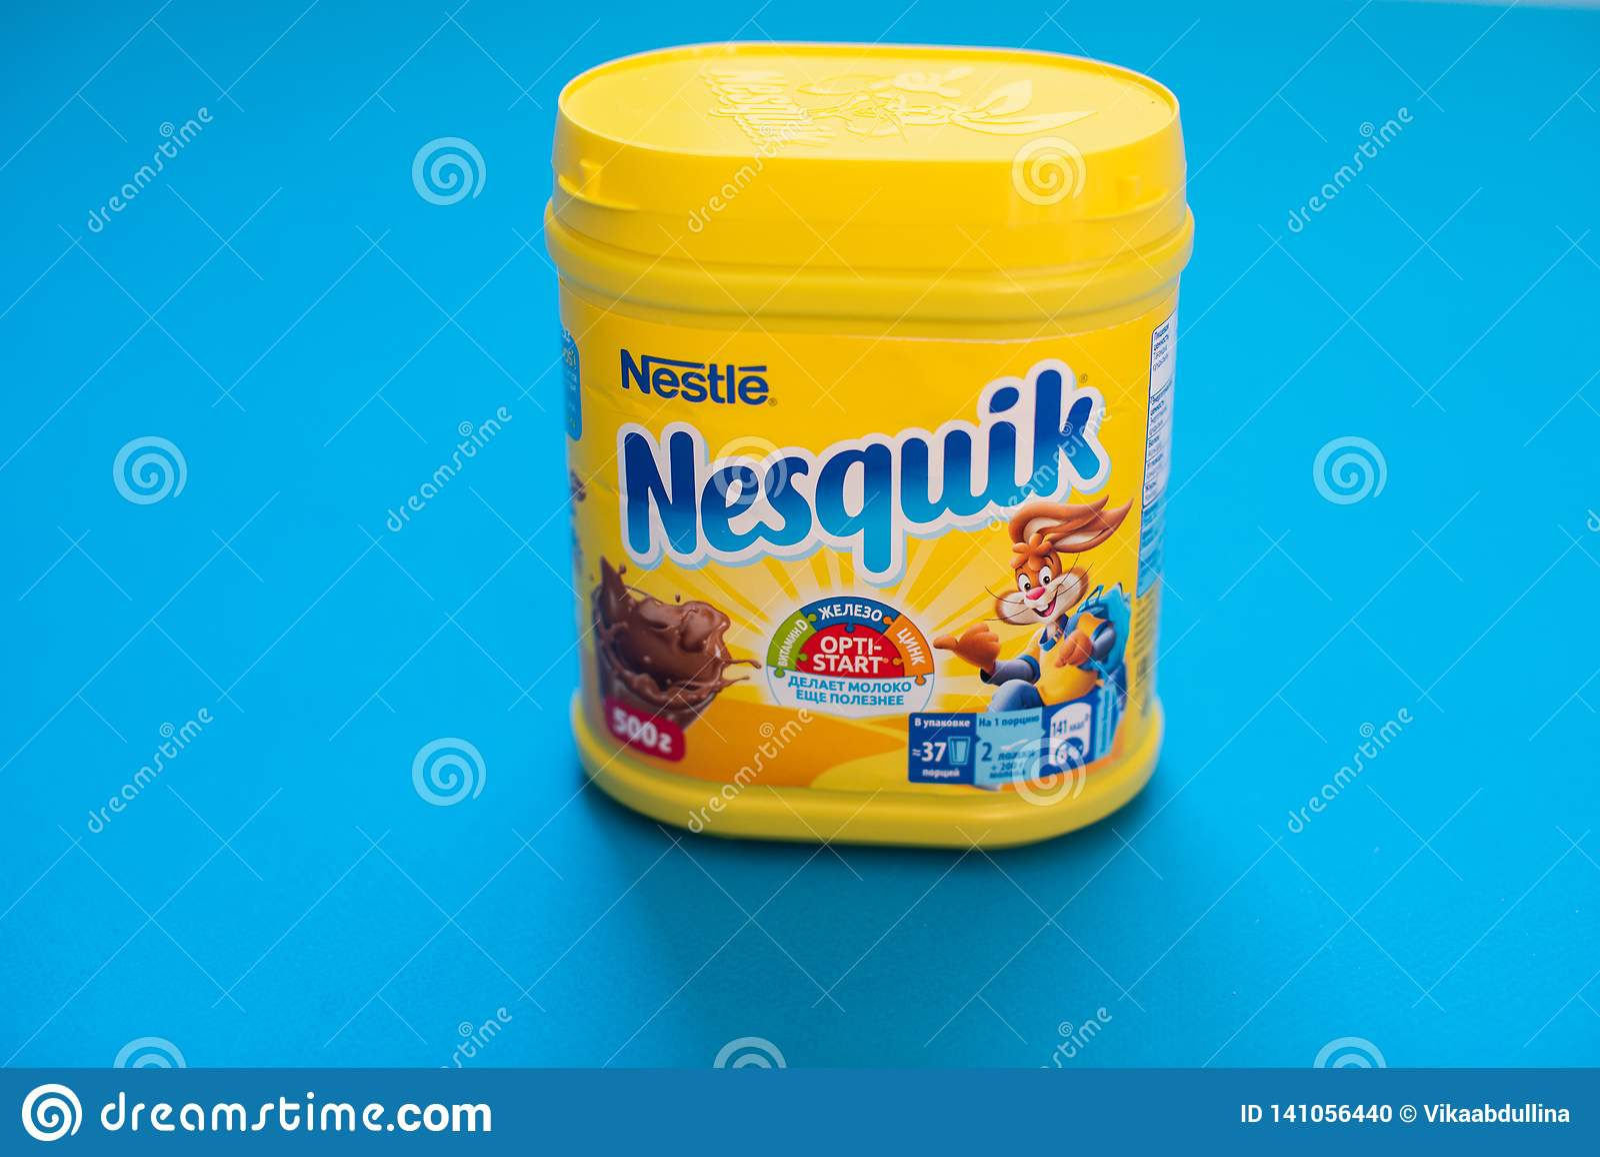 Packe av choklad- och kakaodrinken Nesquik vid Nestle på blå bakgrund